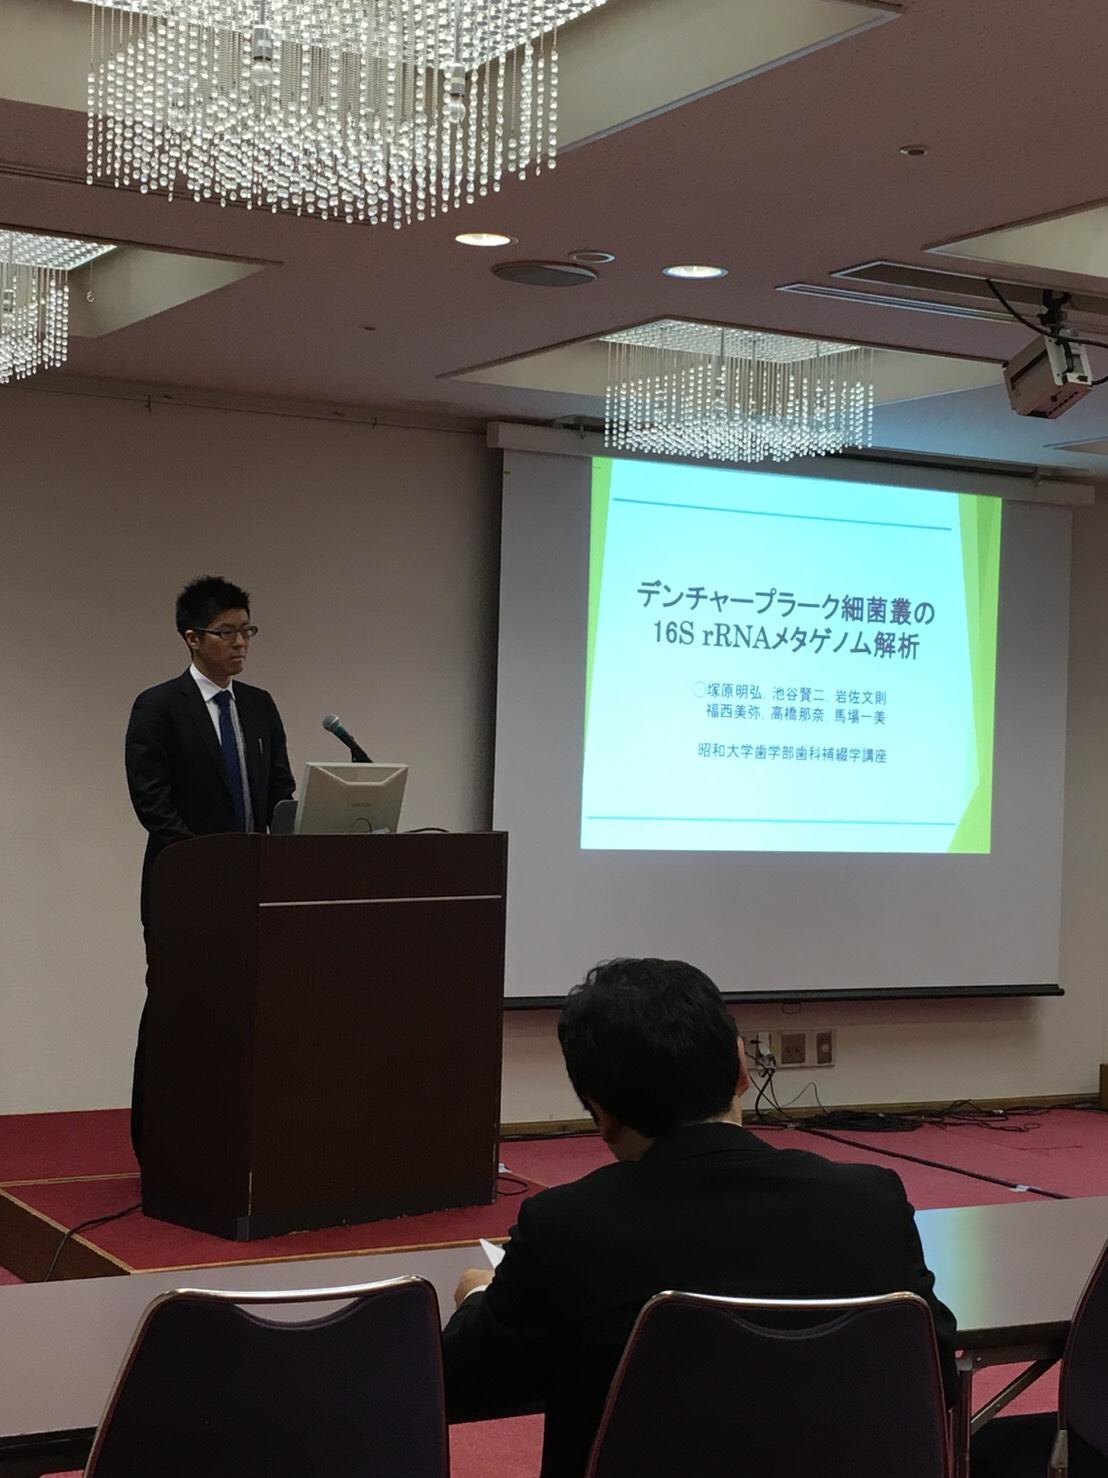 日本老年歯科医学会第29回学術大会にて口頭発表